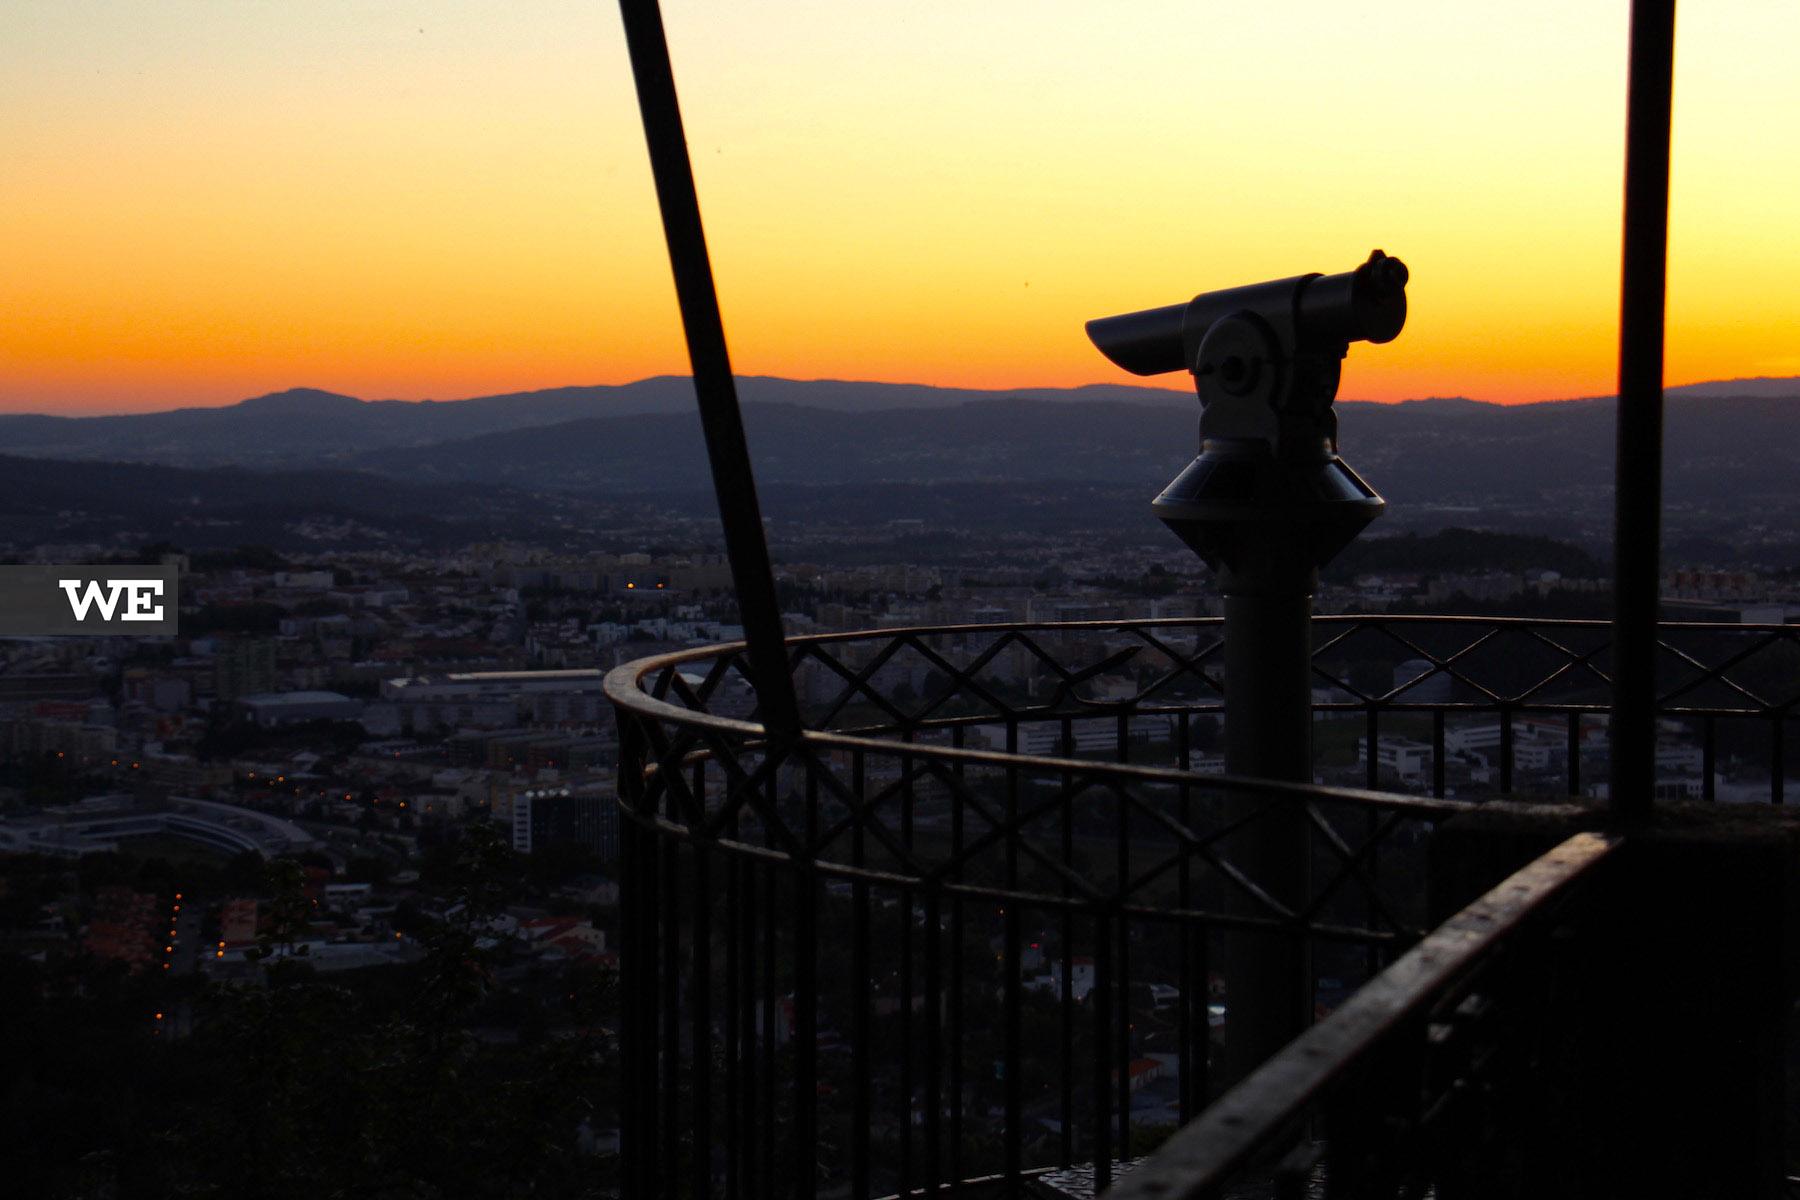 O emblemático miradouro do Bom Jesus e o telescópio apontado à cidade